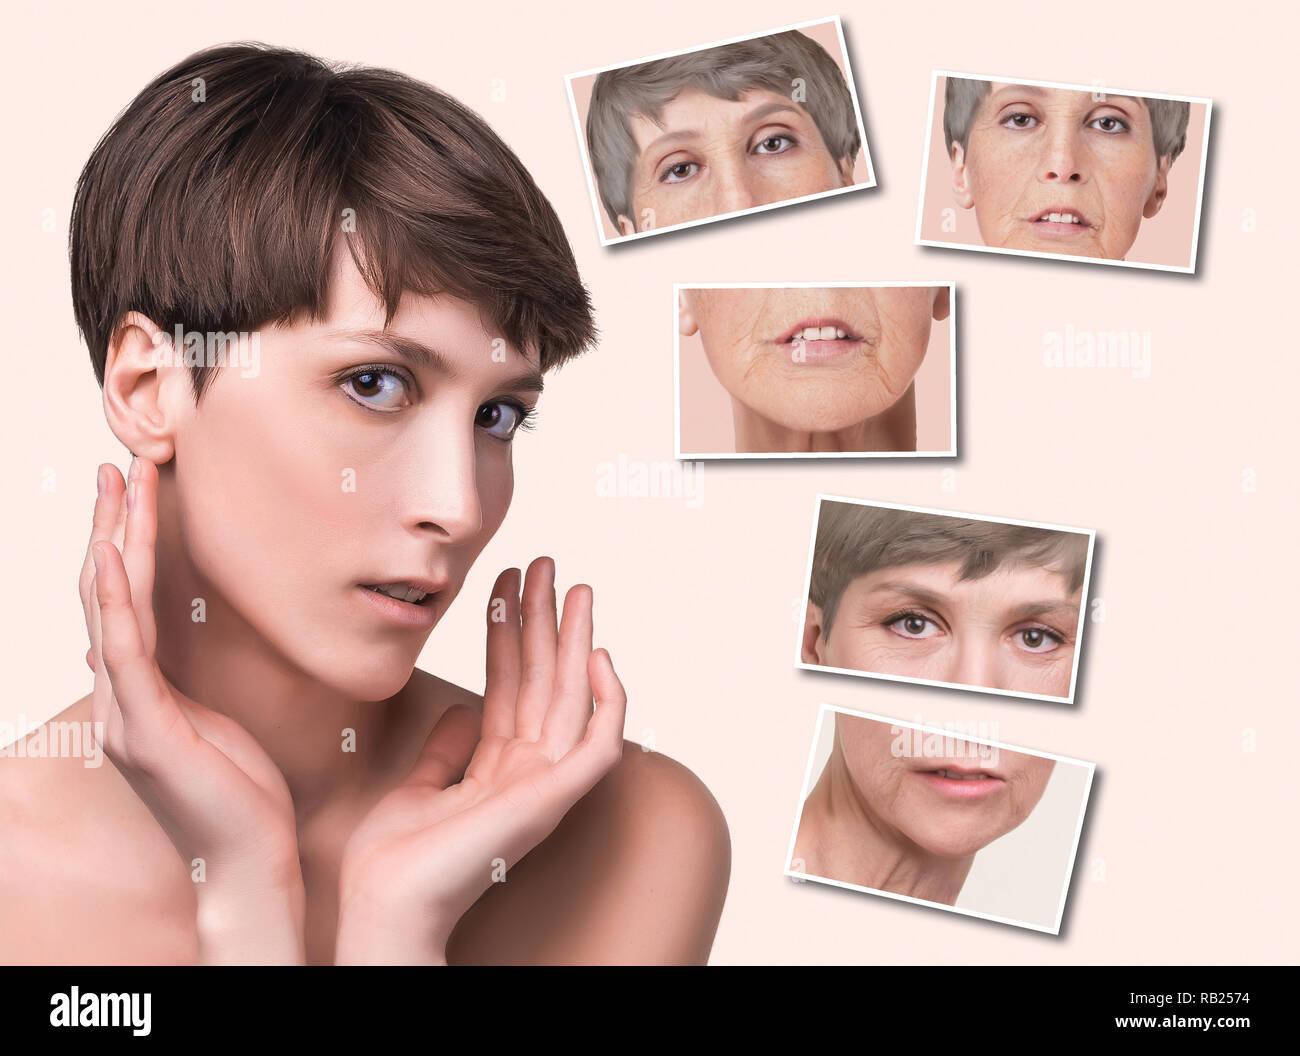 Anti-âge, soin de beauté, le vieillissement et les jeunes, levage, soin, chirurgie plastique concept. Photo Stock